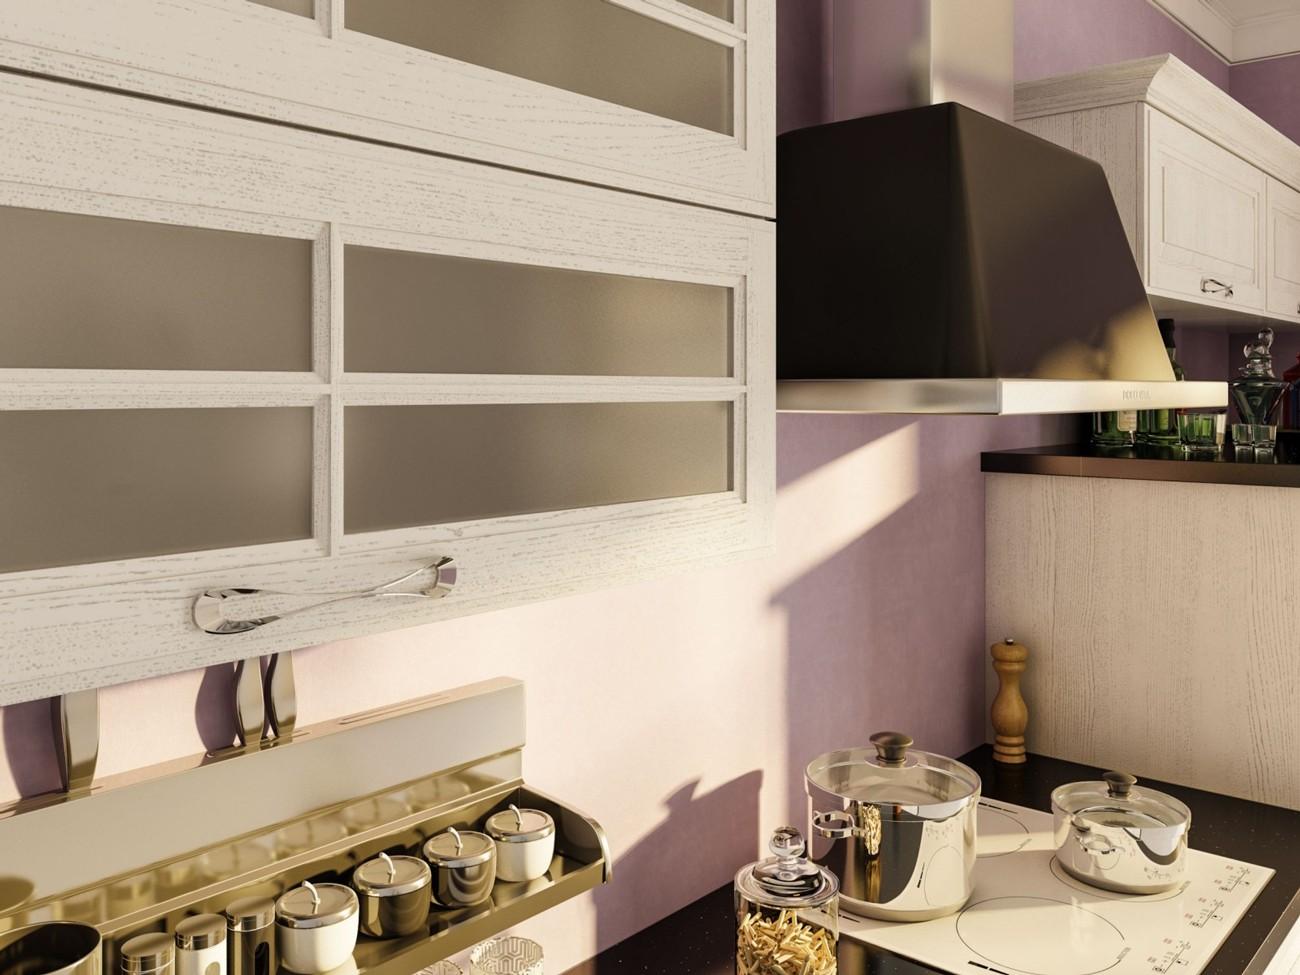 Full Size of Willhaben Komplettküche Komplettküche Mit Geräten Respekta Küche Küchenzeile Küchenblock Einbauküche Komplettküche Weiß 320 Cm Komplettküche Billig Küche Einbauküche Ohne Kühlschrank